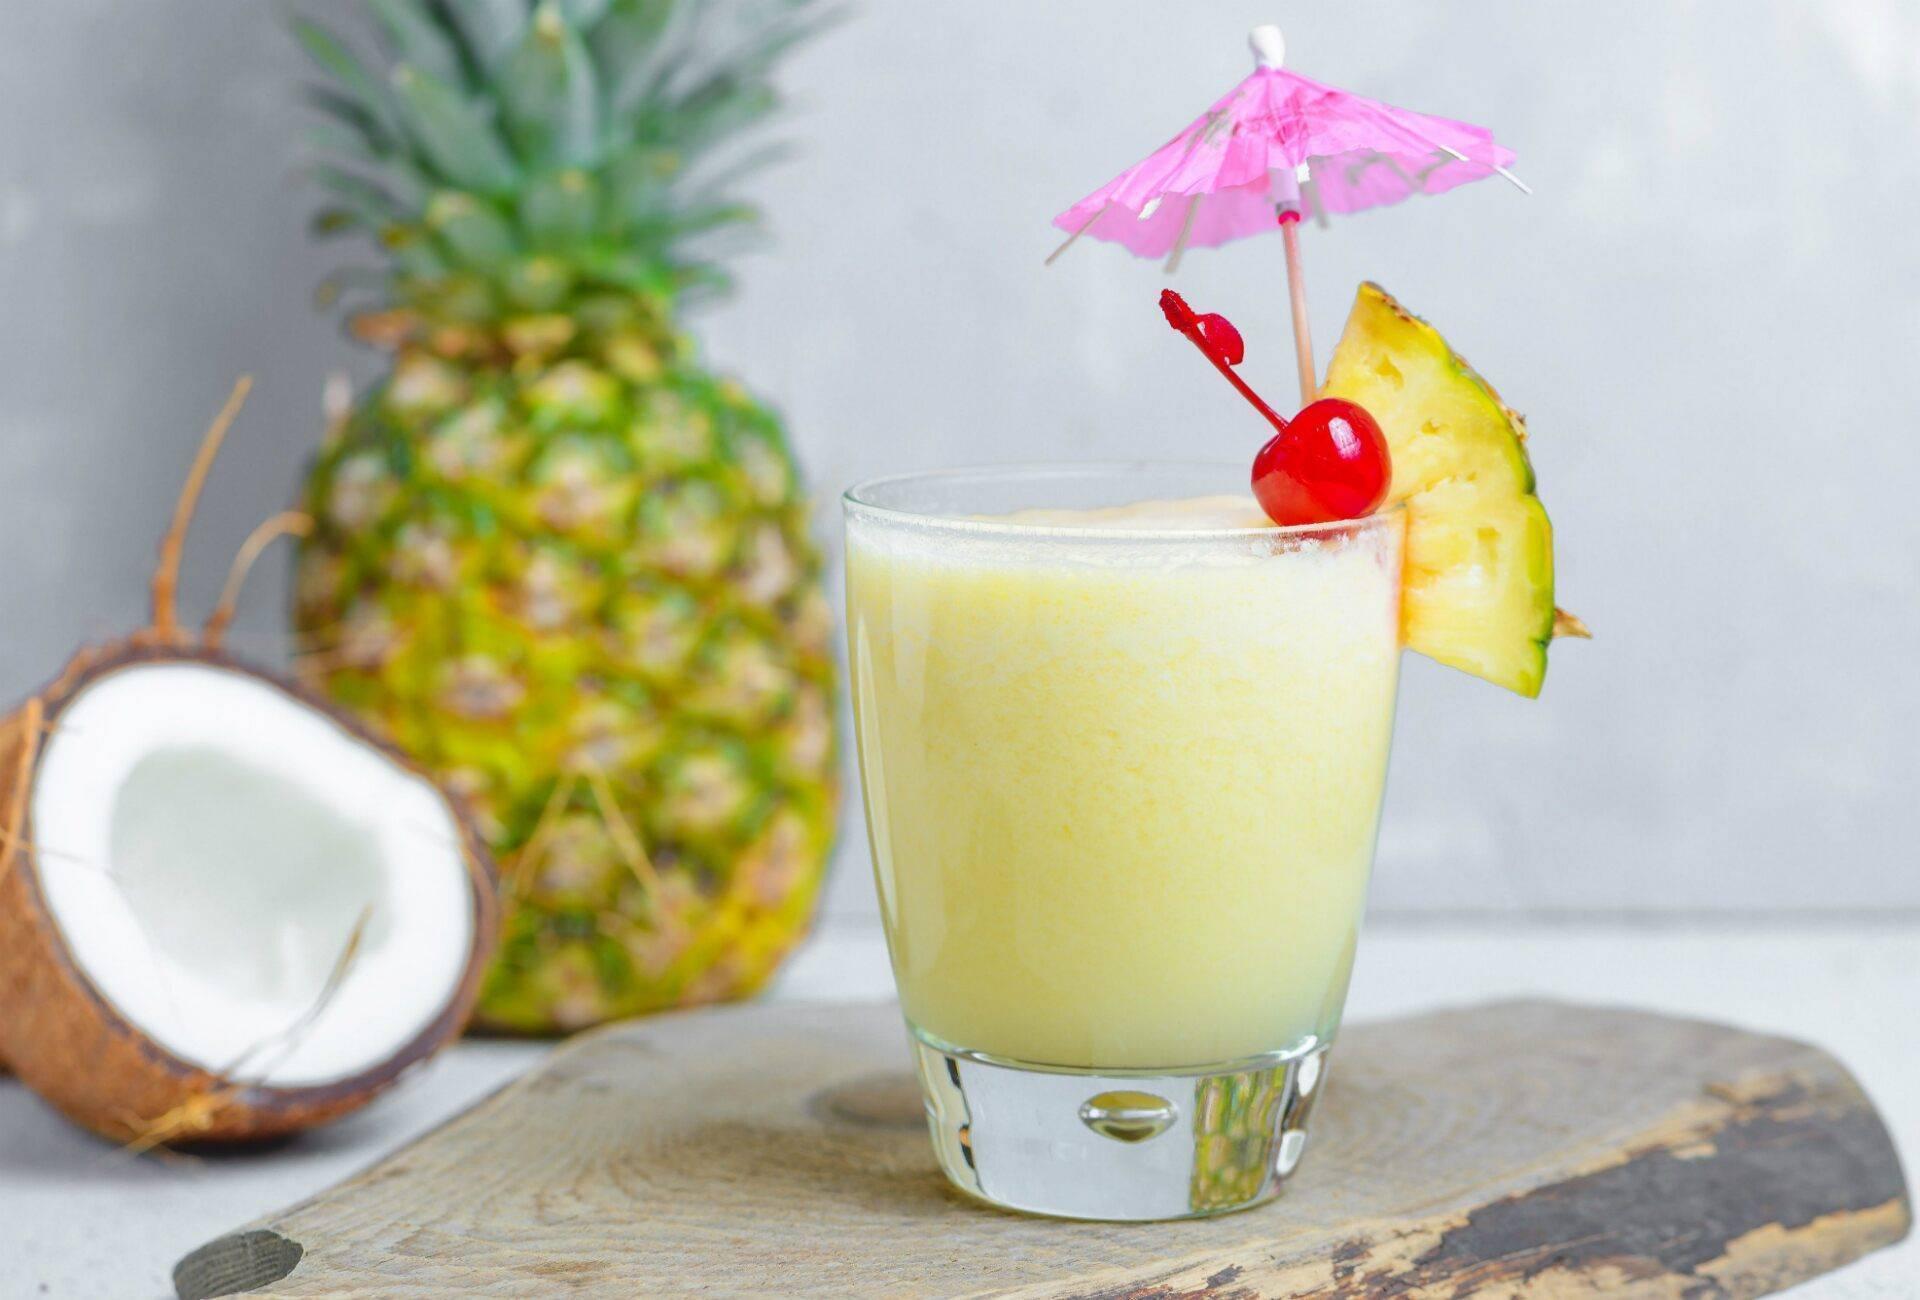 Лучшие новогодние напитки — рецепты алкогольных и безалкогольных коктейлей 2020 | вокругсада.ру